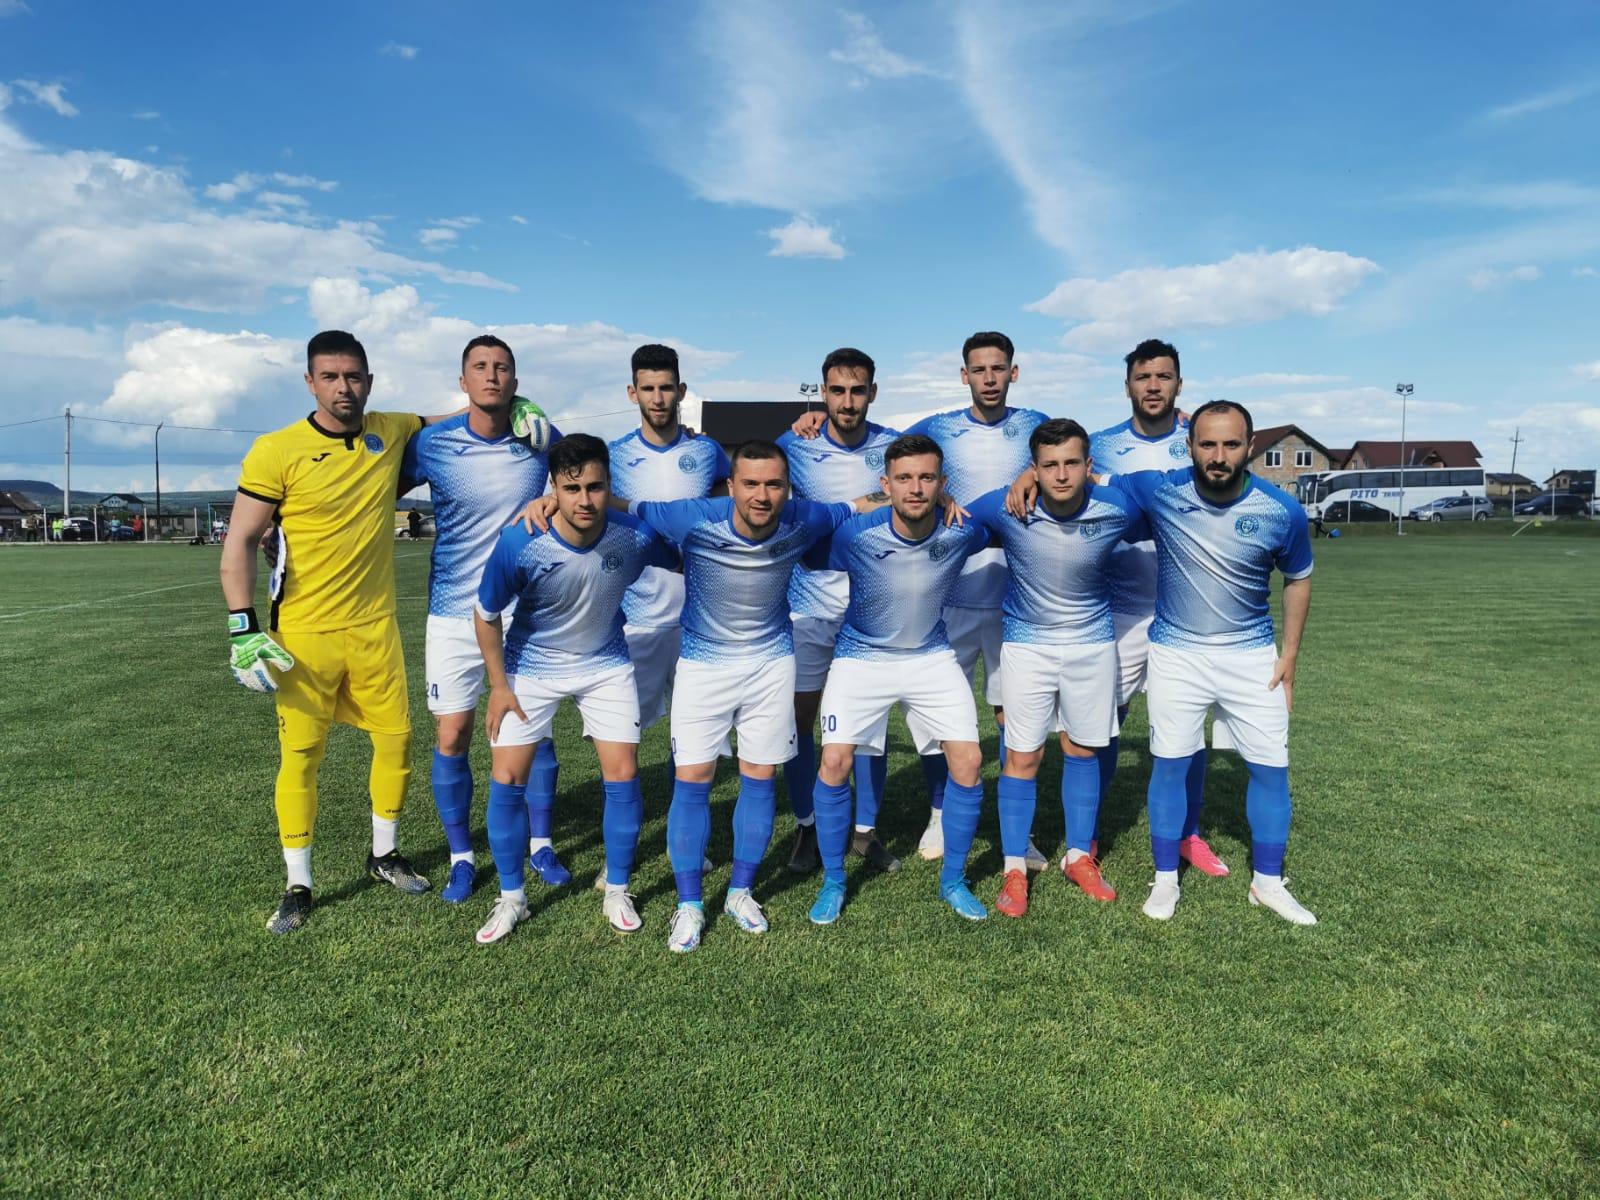 Județul va avea echipă în Liga 2: Viitorul Șelimbăr și Măgura Cisnădie joacă barajul